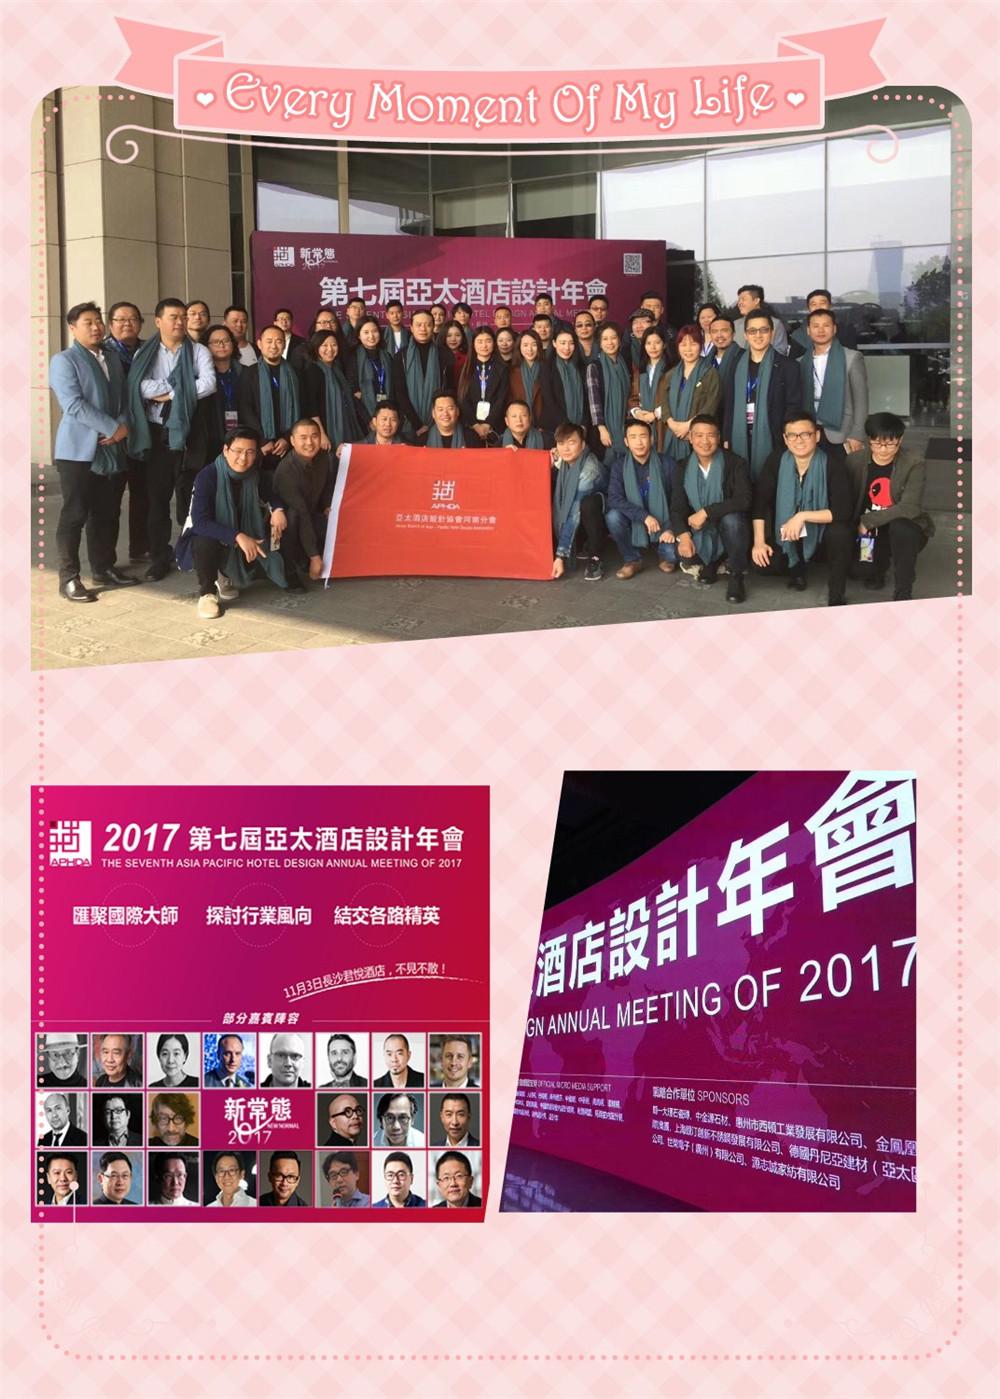 2017第七届亚太酒店设计年会